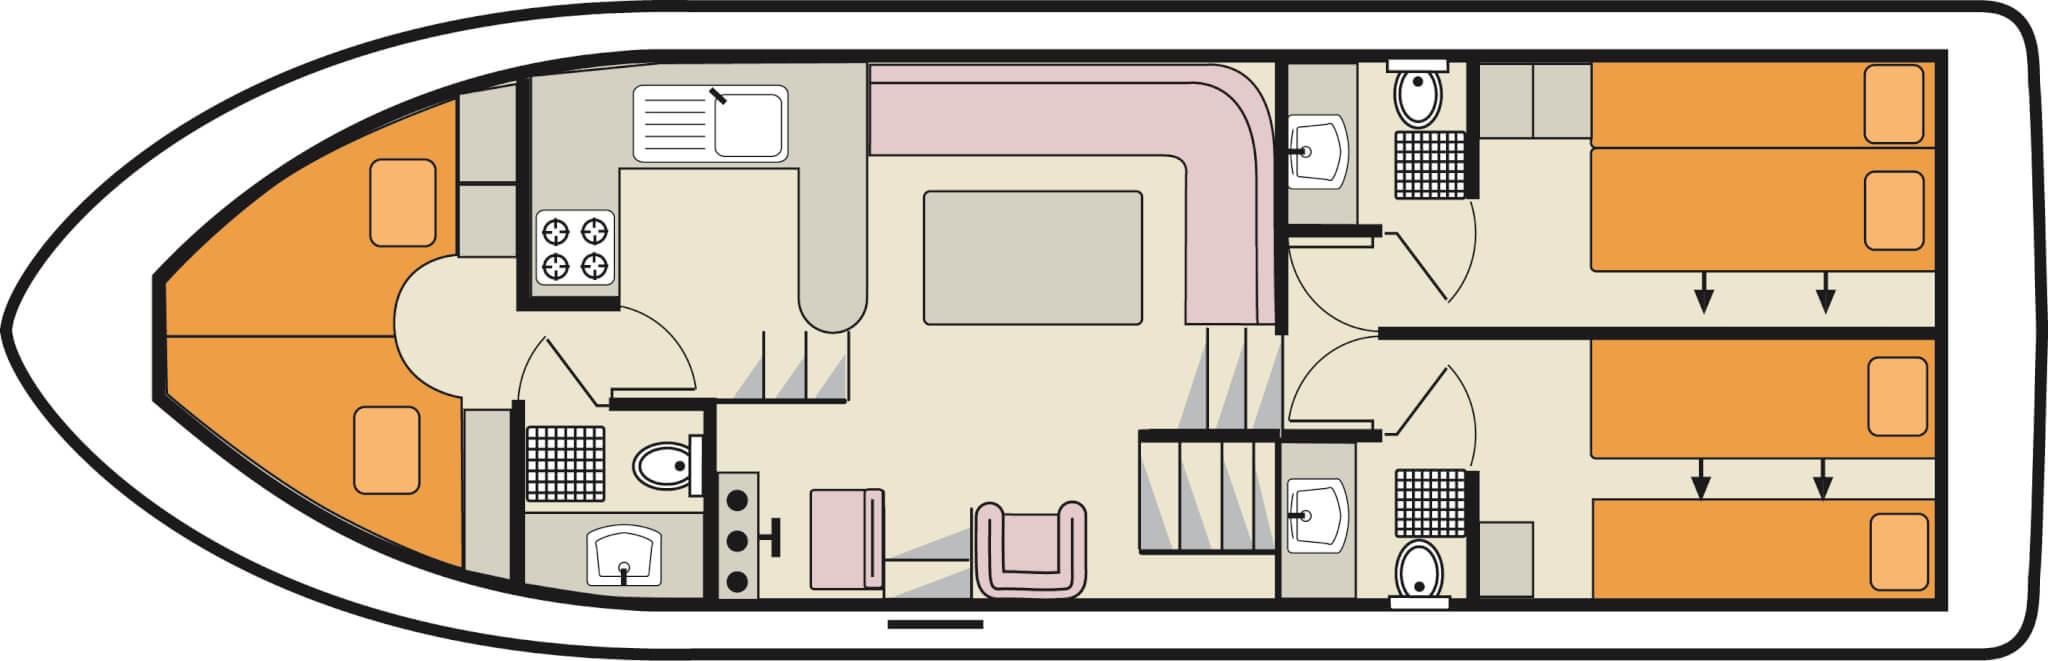 Hausboot Crsader für 6 Personen